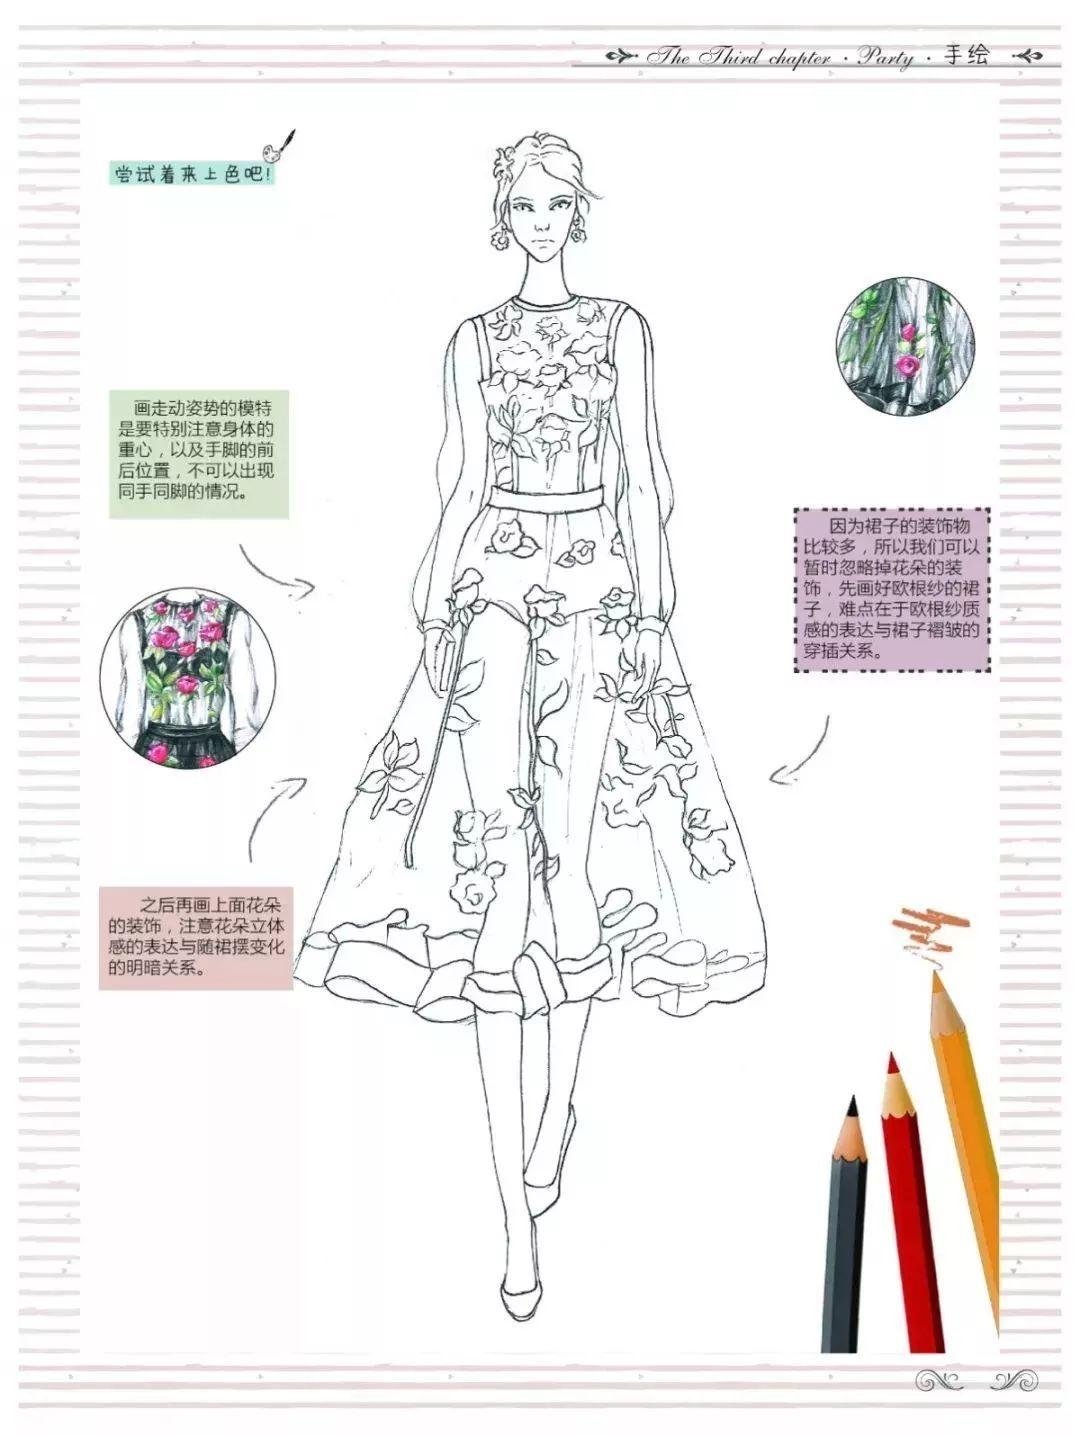 时尚 正文  收录时尚编辑,时尚博主的穿衣搭配 学习手绘技巧的同时 还图片